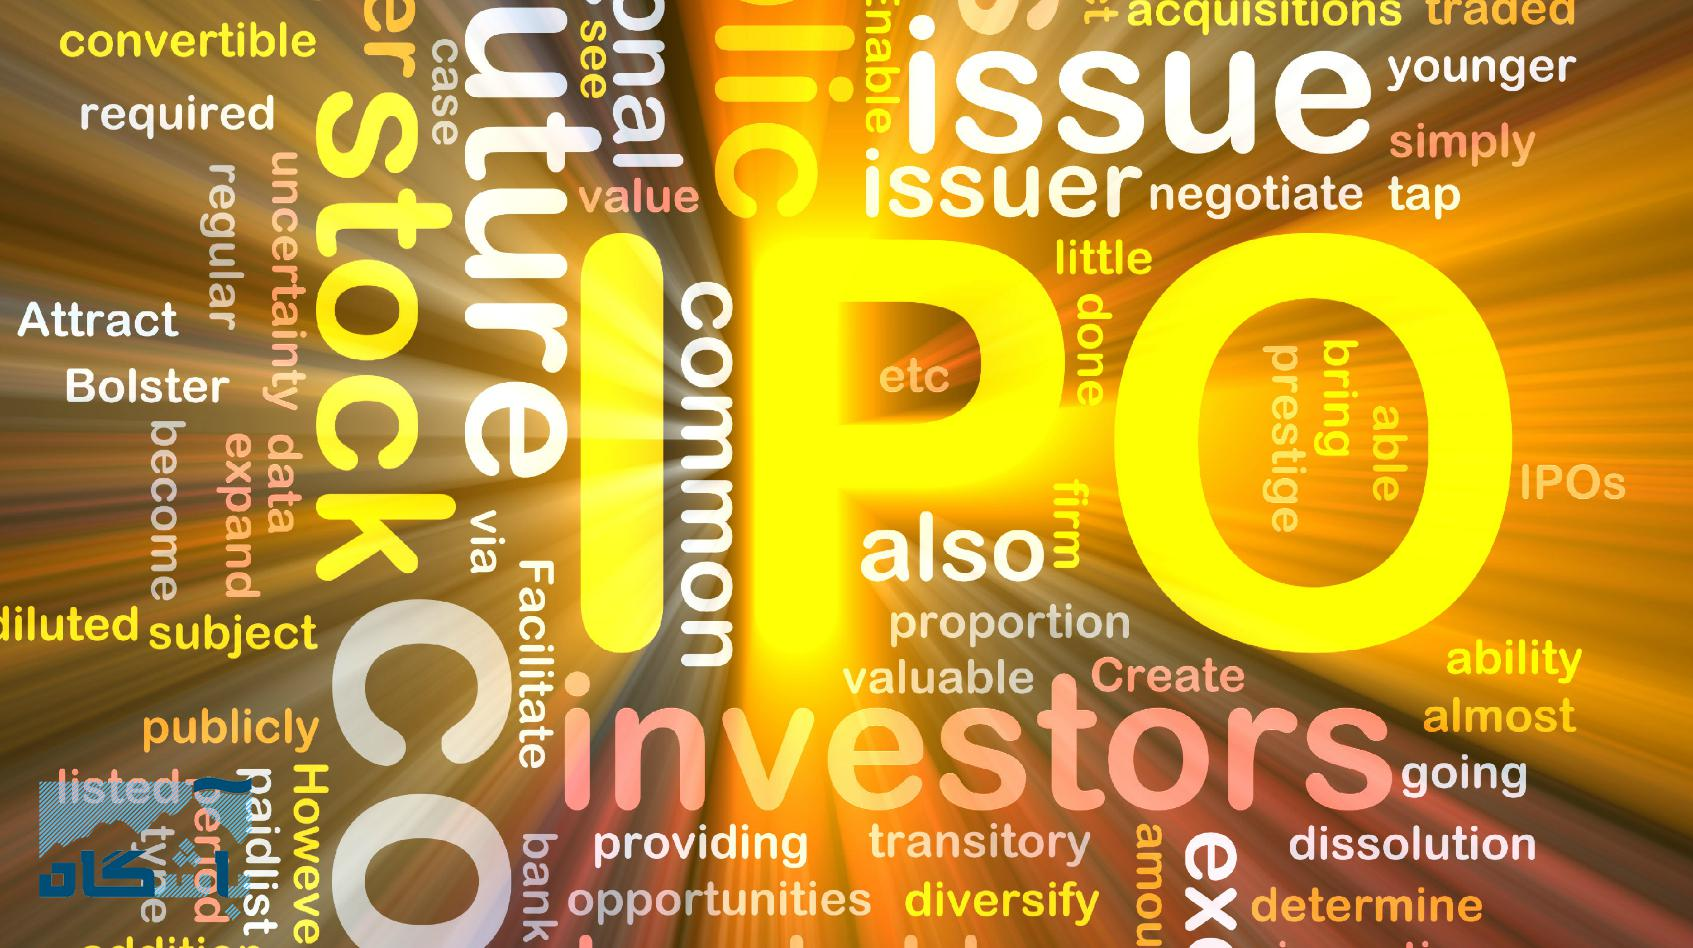 عرضه اولیه, کارگزاری بورس اوراق بهادار, معامله گران آنلاین, بورس اوراق بهادار, تخصیص عرضه اولیه, حم معاملات نرمال بورس اوراق بهادار